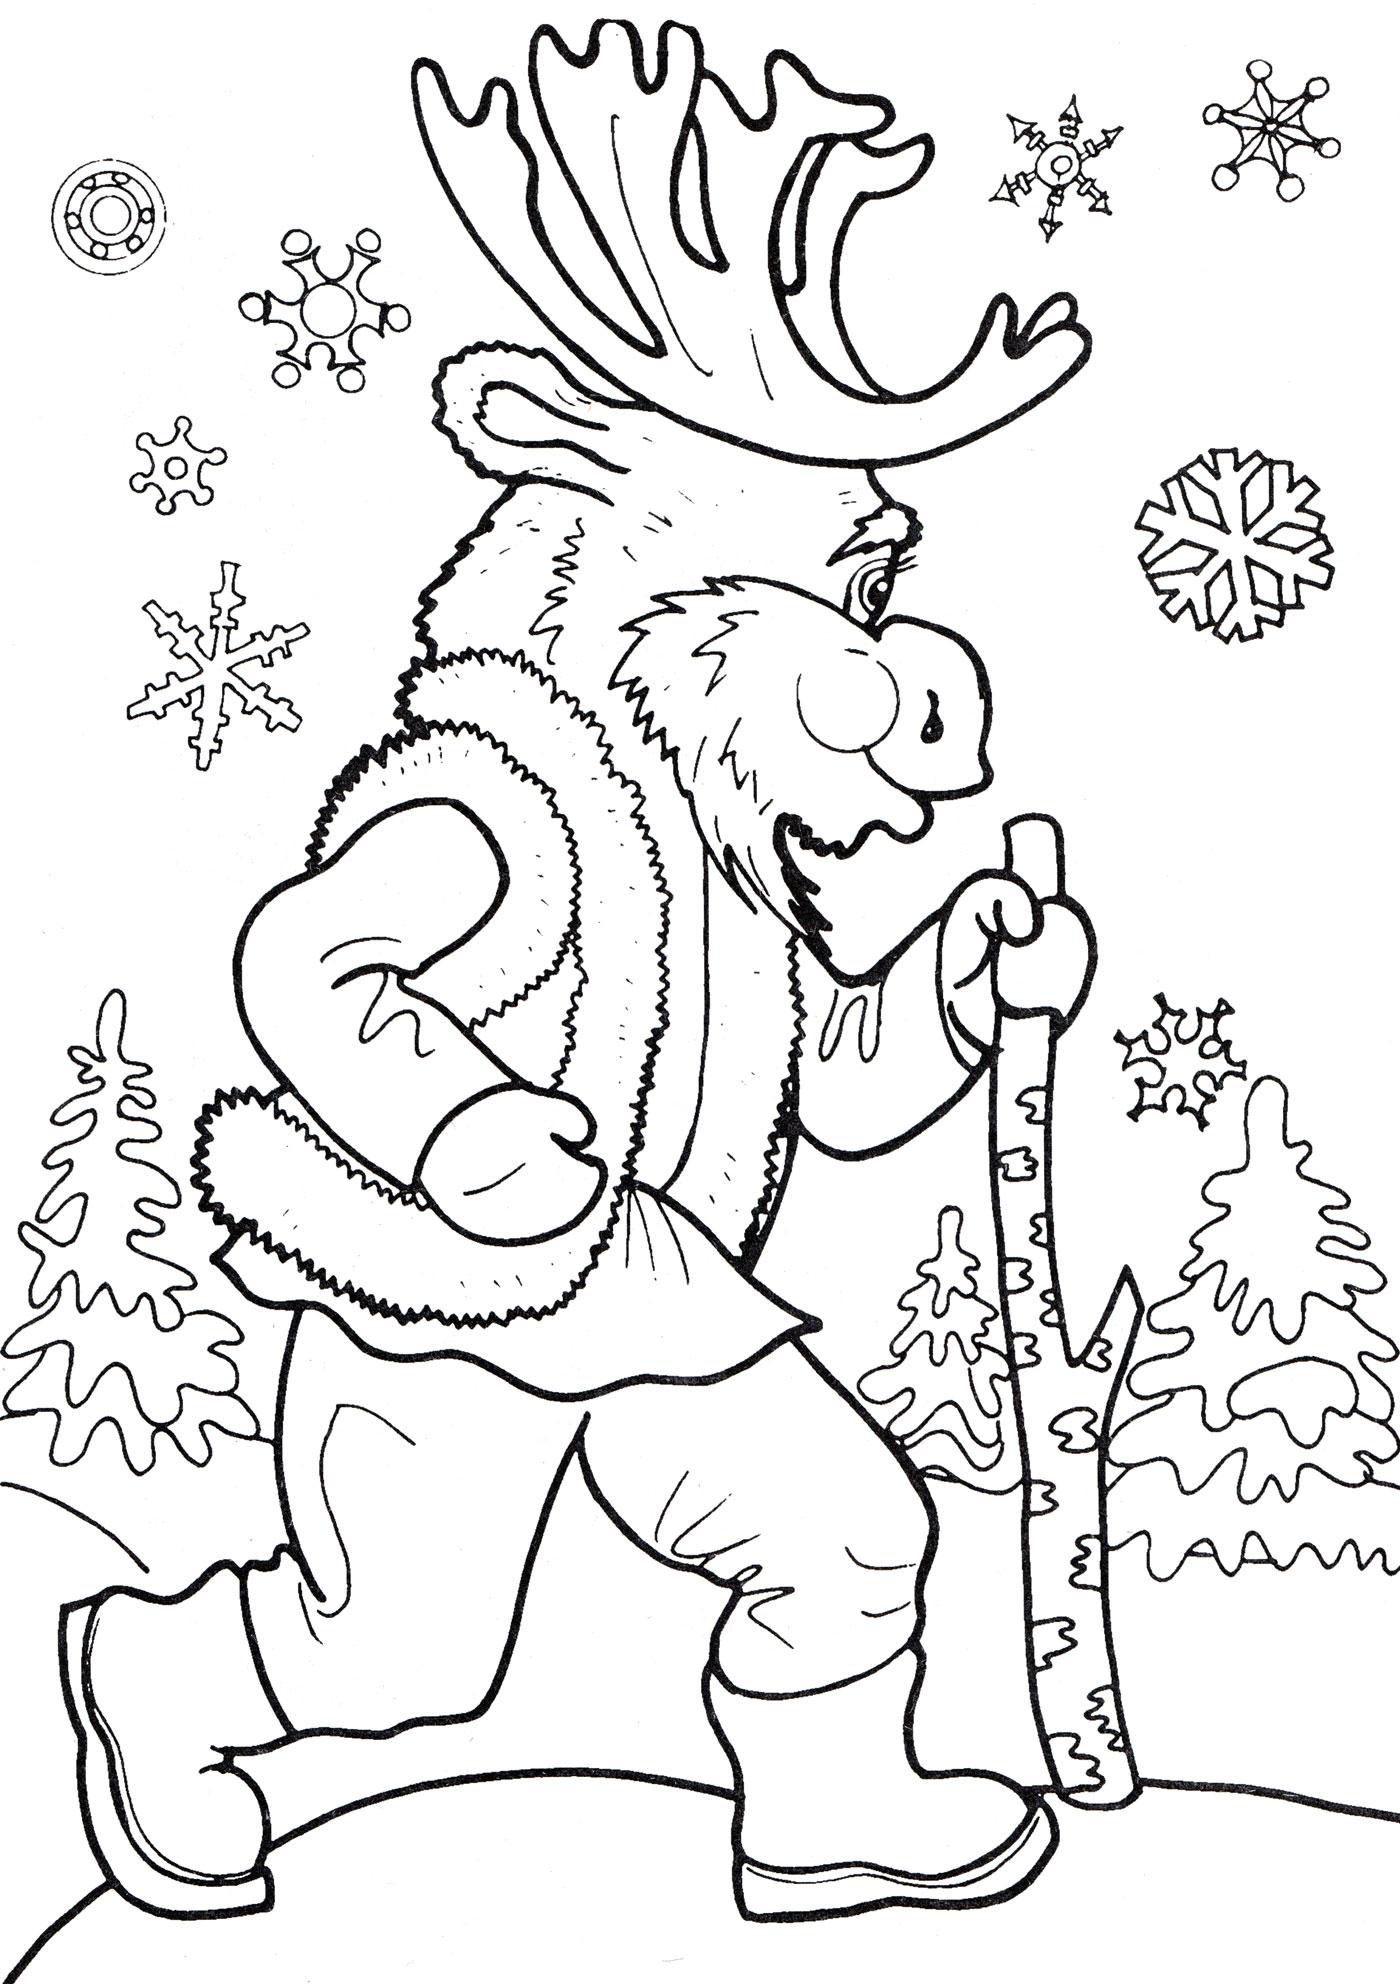 Раскраска Лось гуляет в лесу - распечатать бесплатно